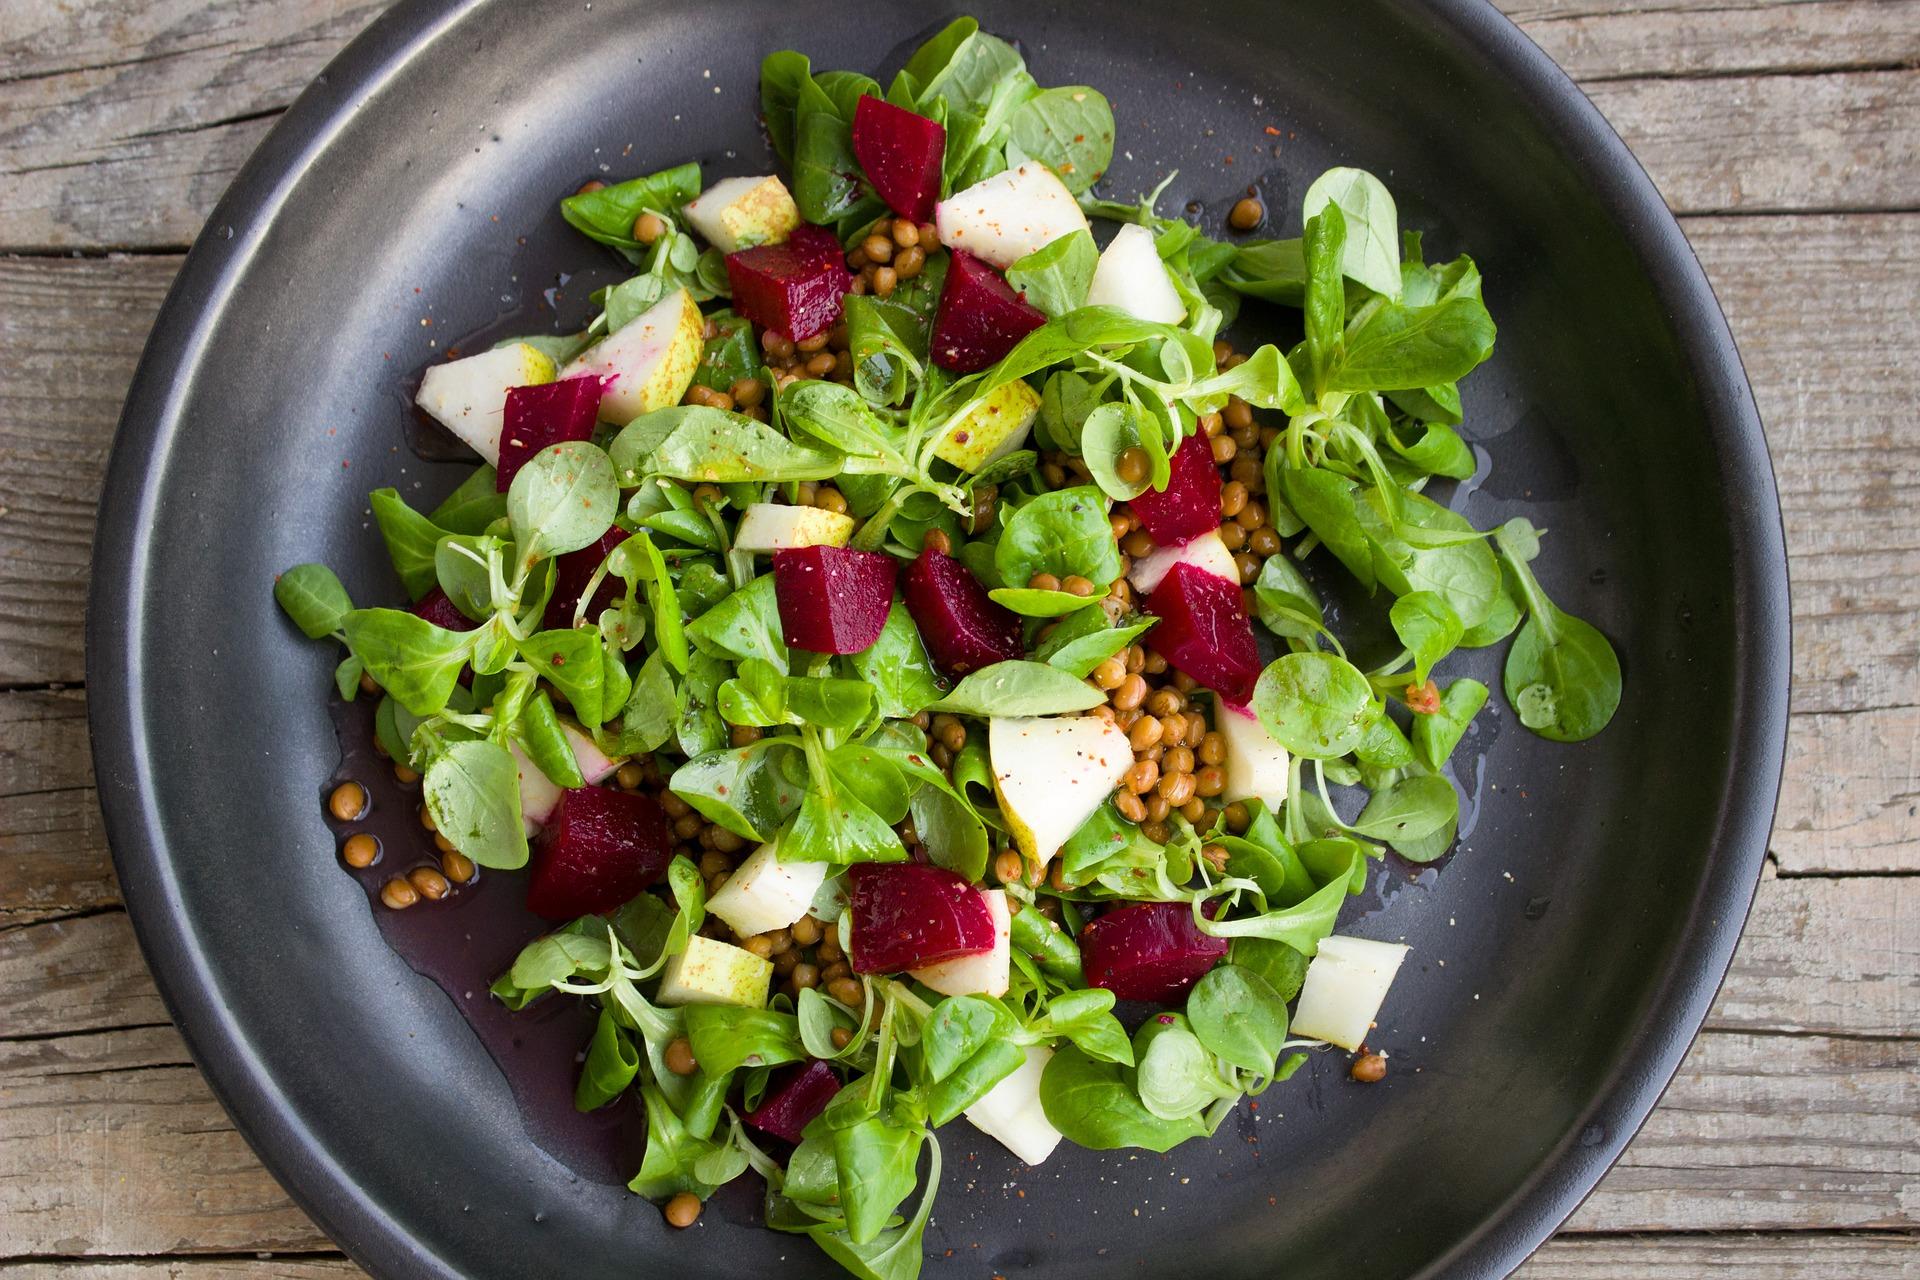 salad-1786327_1920.jpg